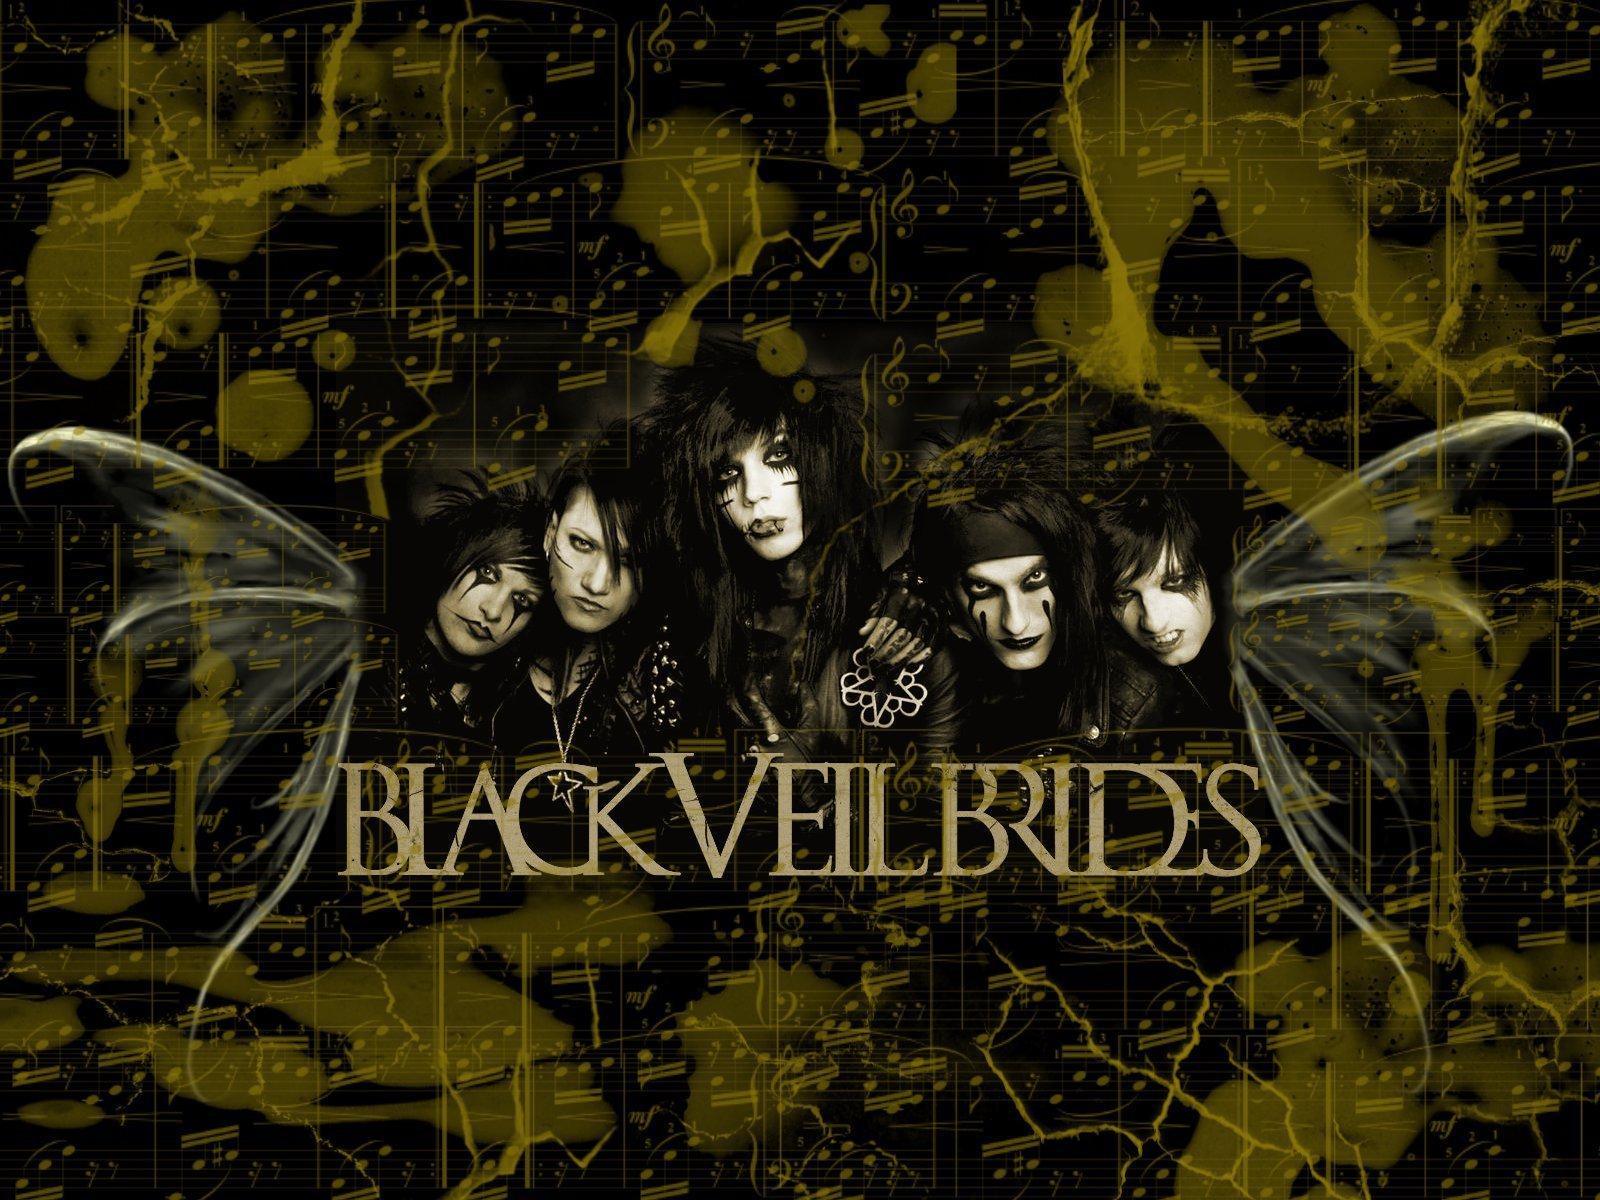 Black Veil Brides Hd Wallpaper